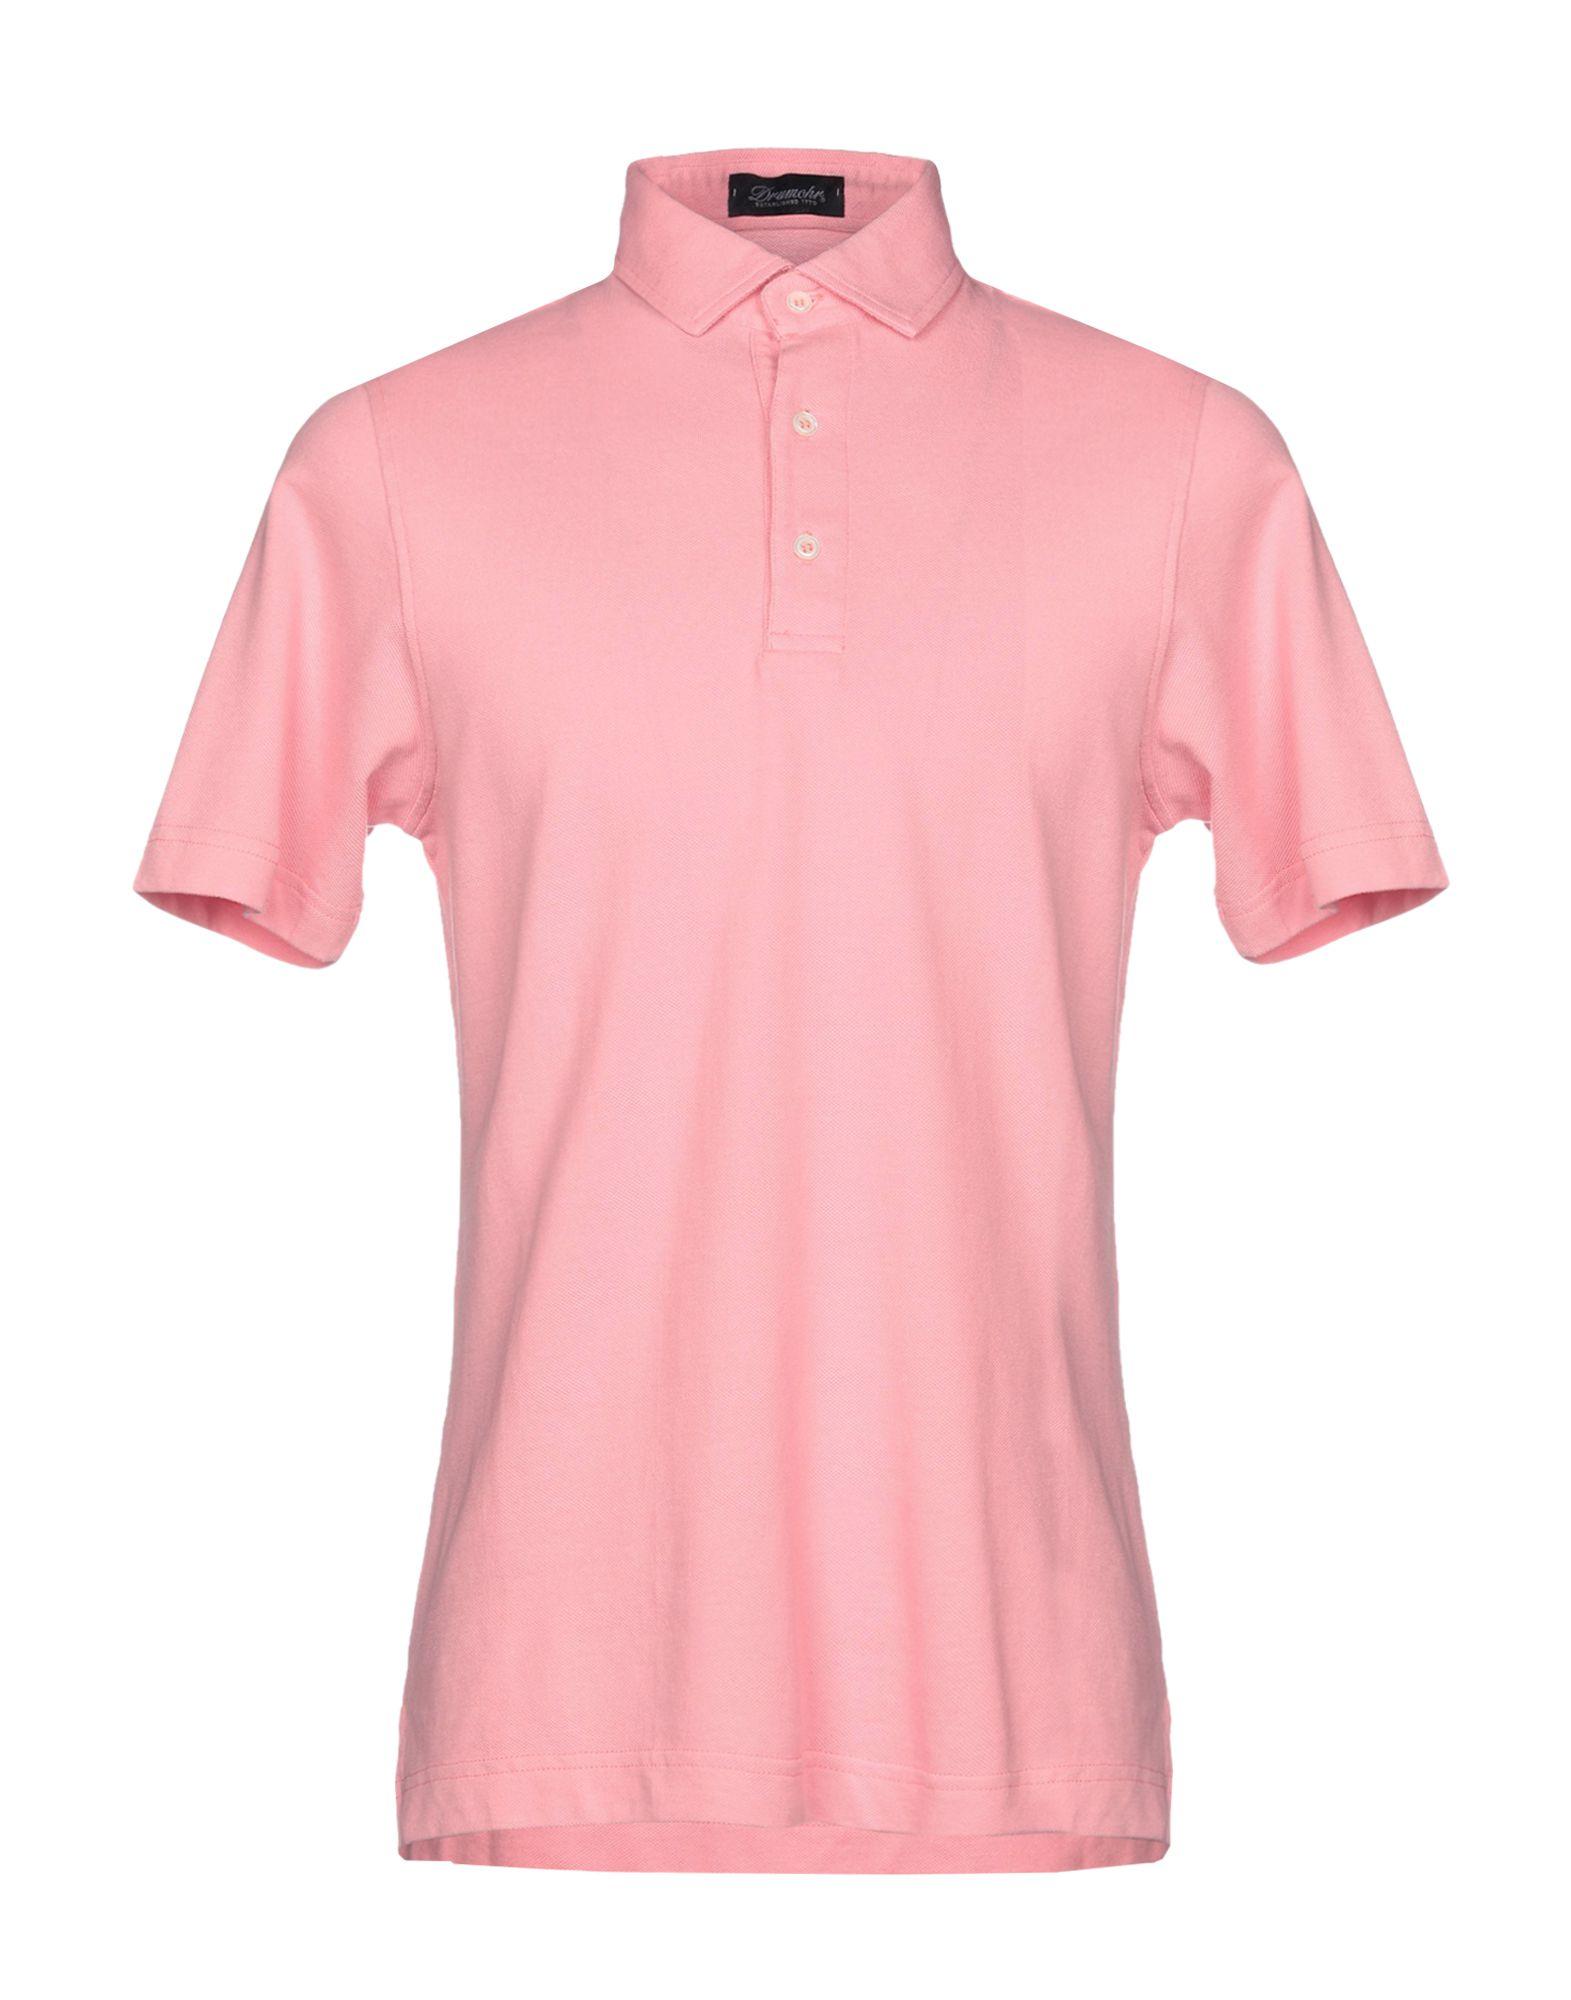 《送料無料》DRUMOHR メンズ ポロシャツ ピンク M コットン 100%